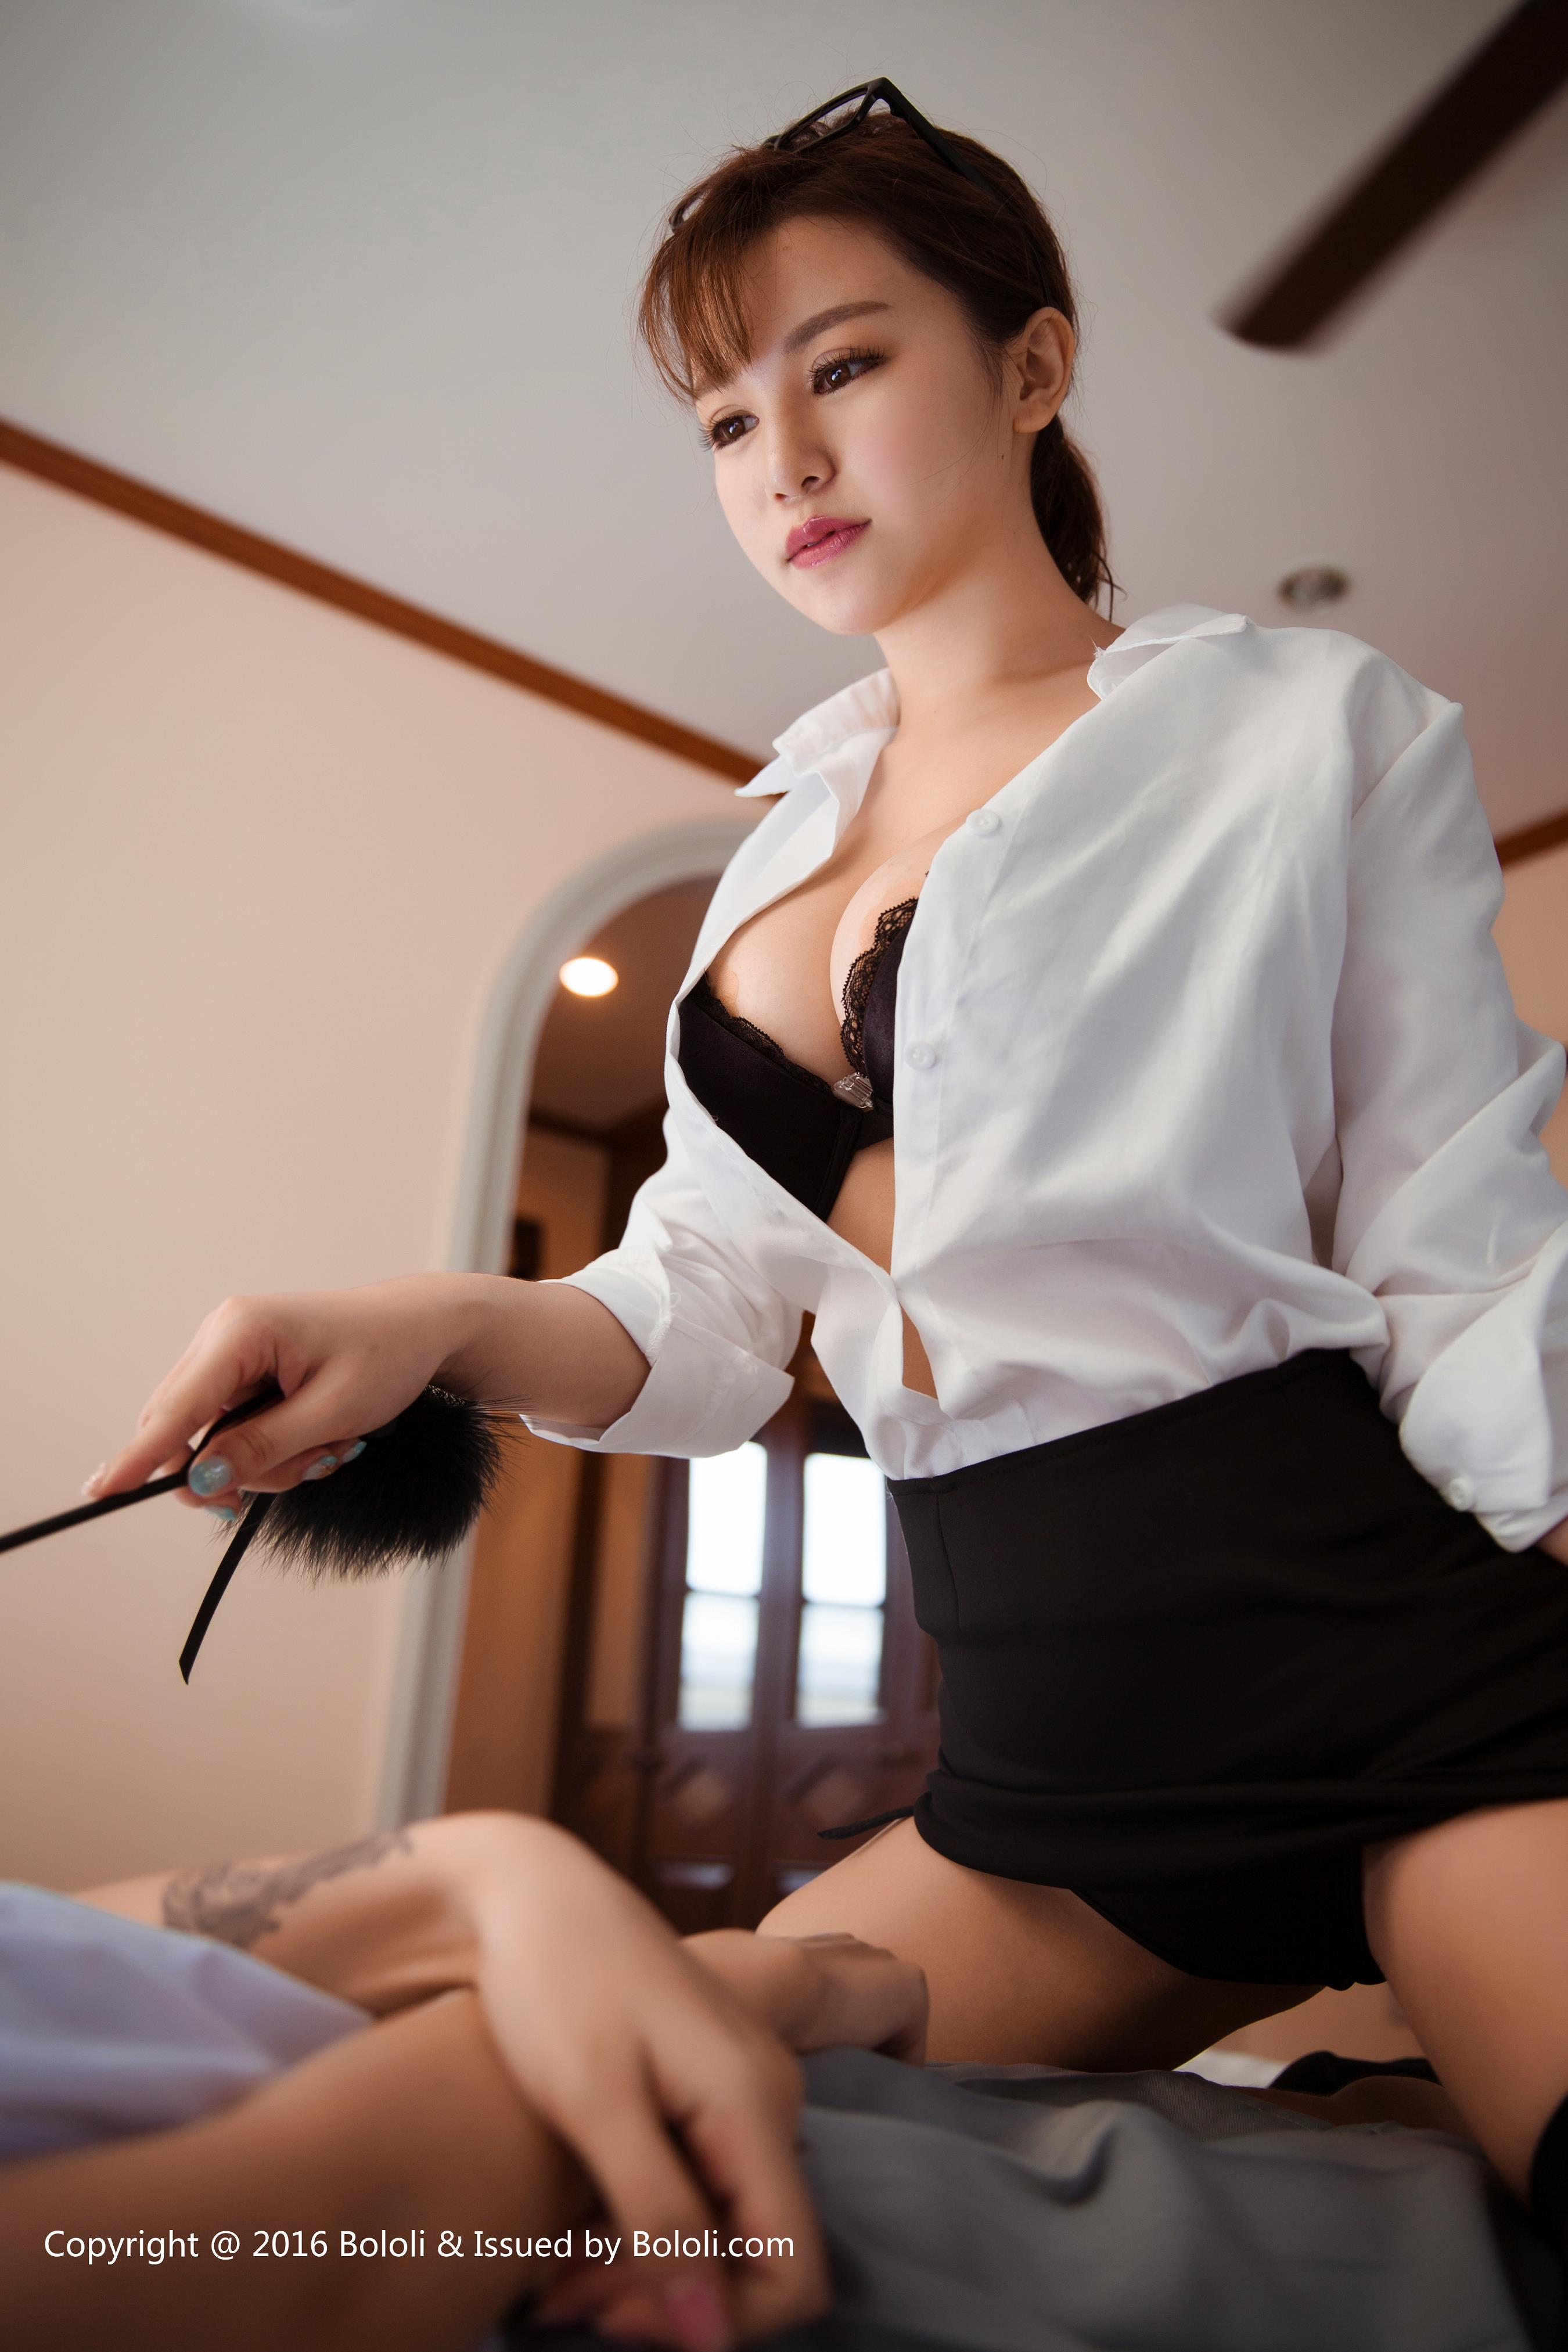 [BoLoli波萝社]BOL024 童颜巨乳小萝莉 夏美酱 刘娅希 高中女生制服加丝袜美腿性感私房写真集